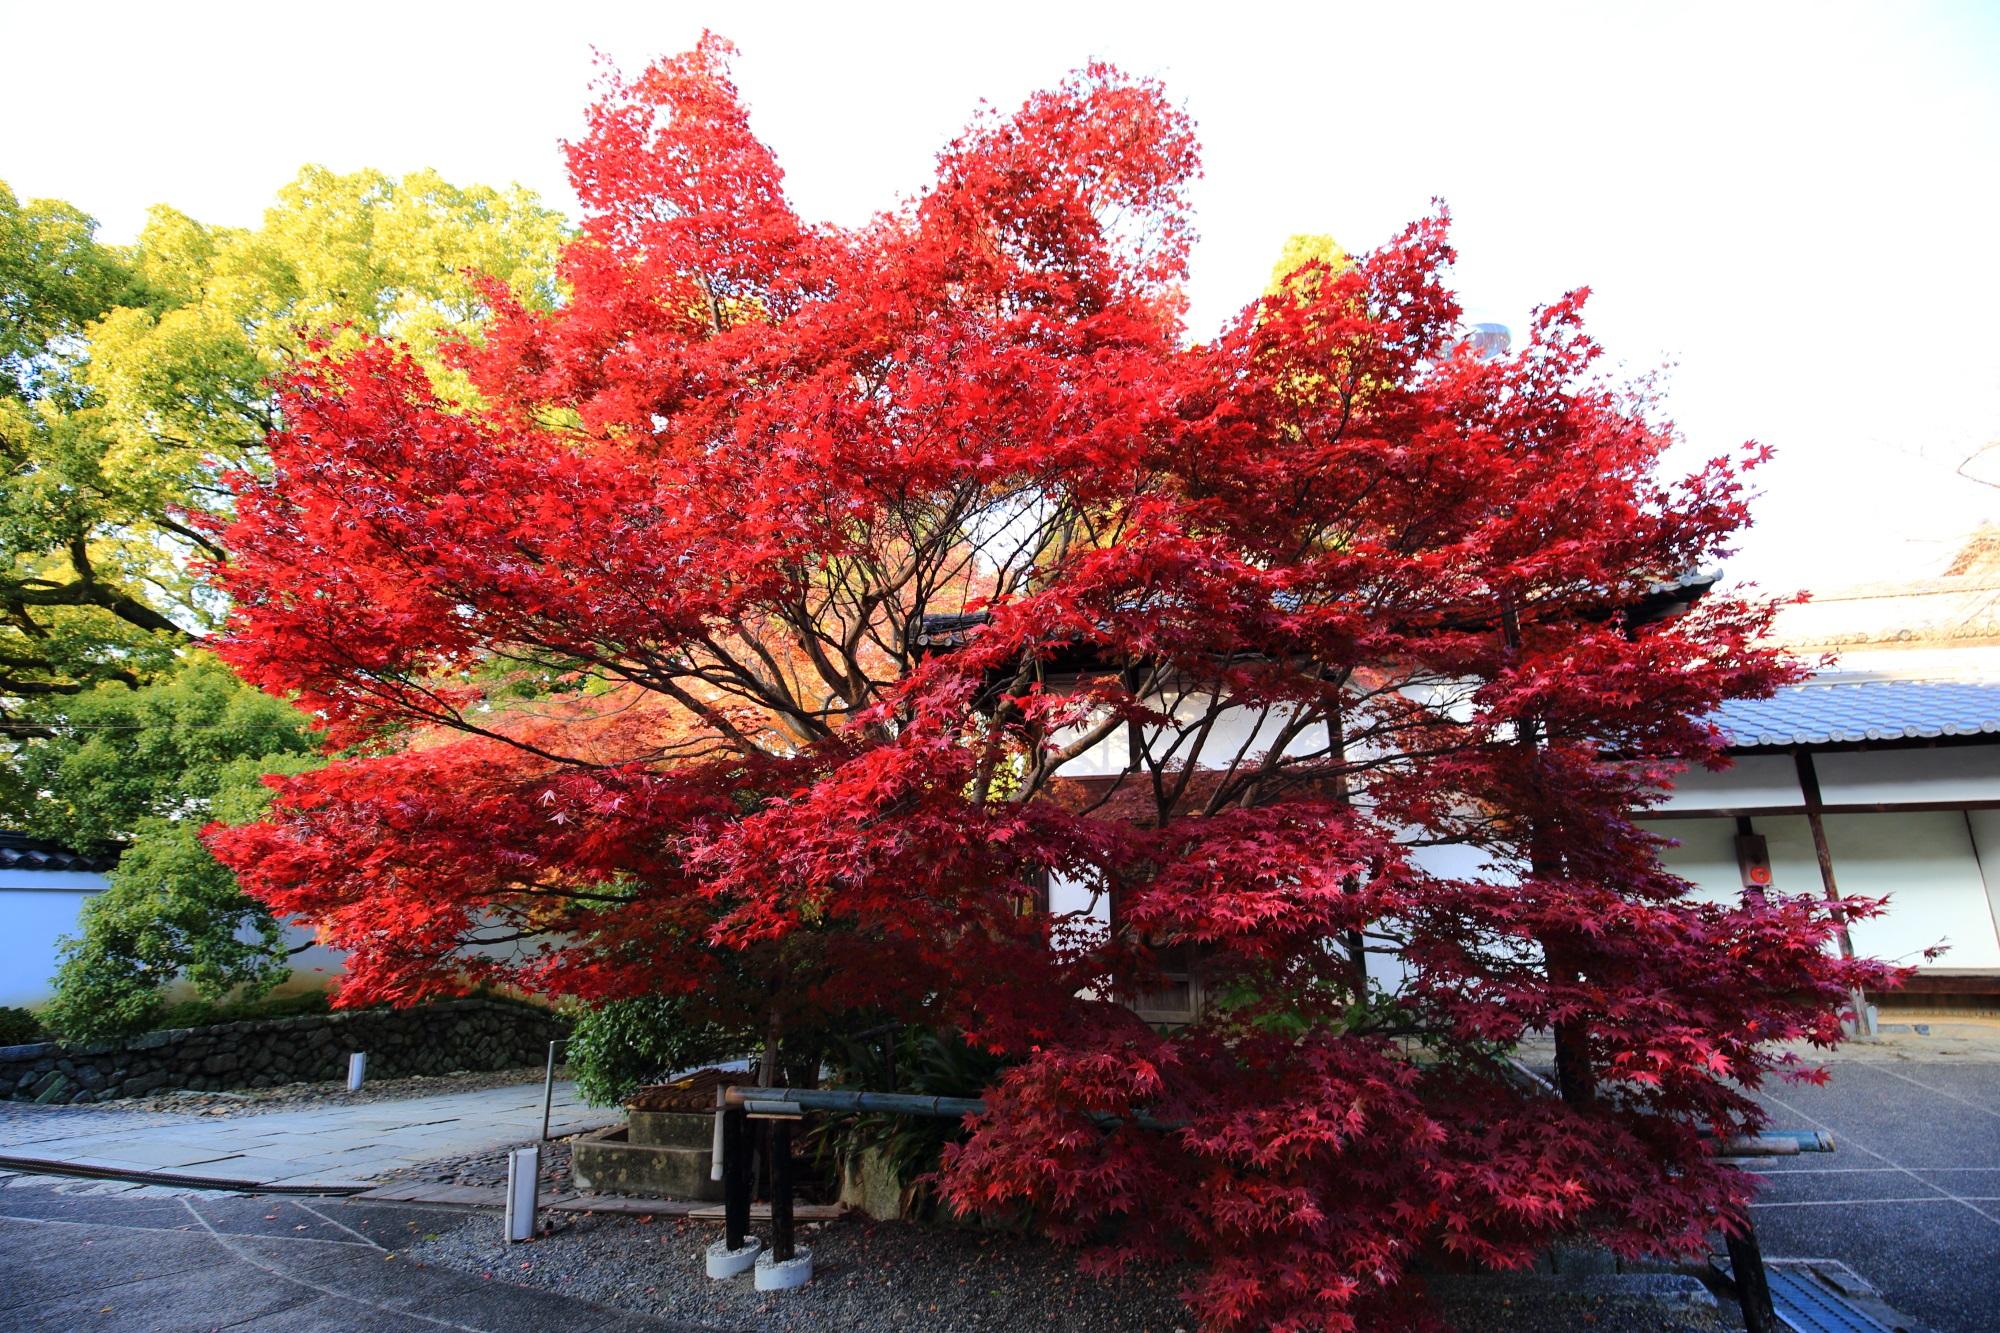 青蓮院門跡の入口付近の鮮やかな真っ赤な紅葉